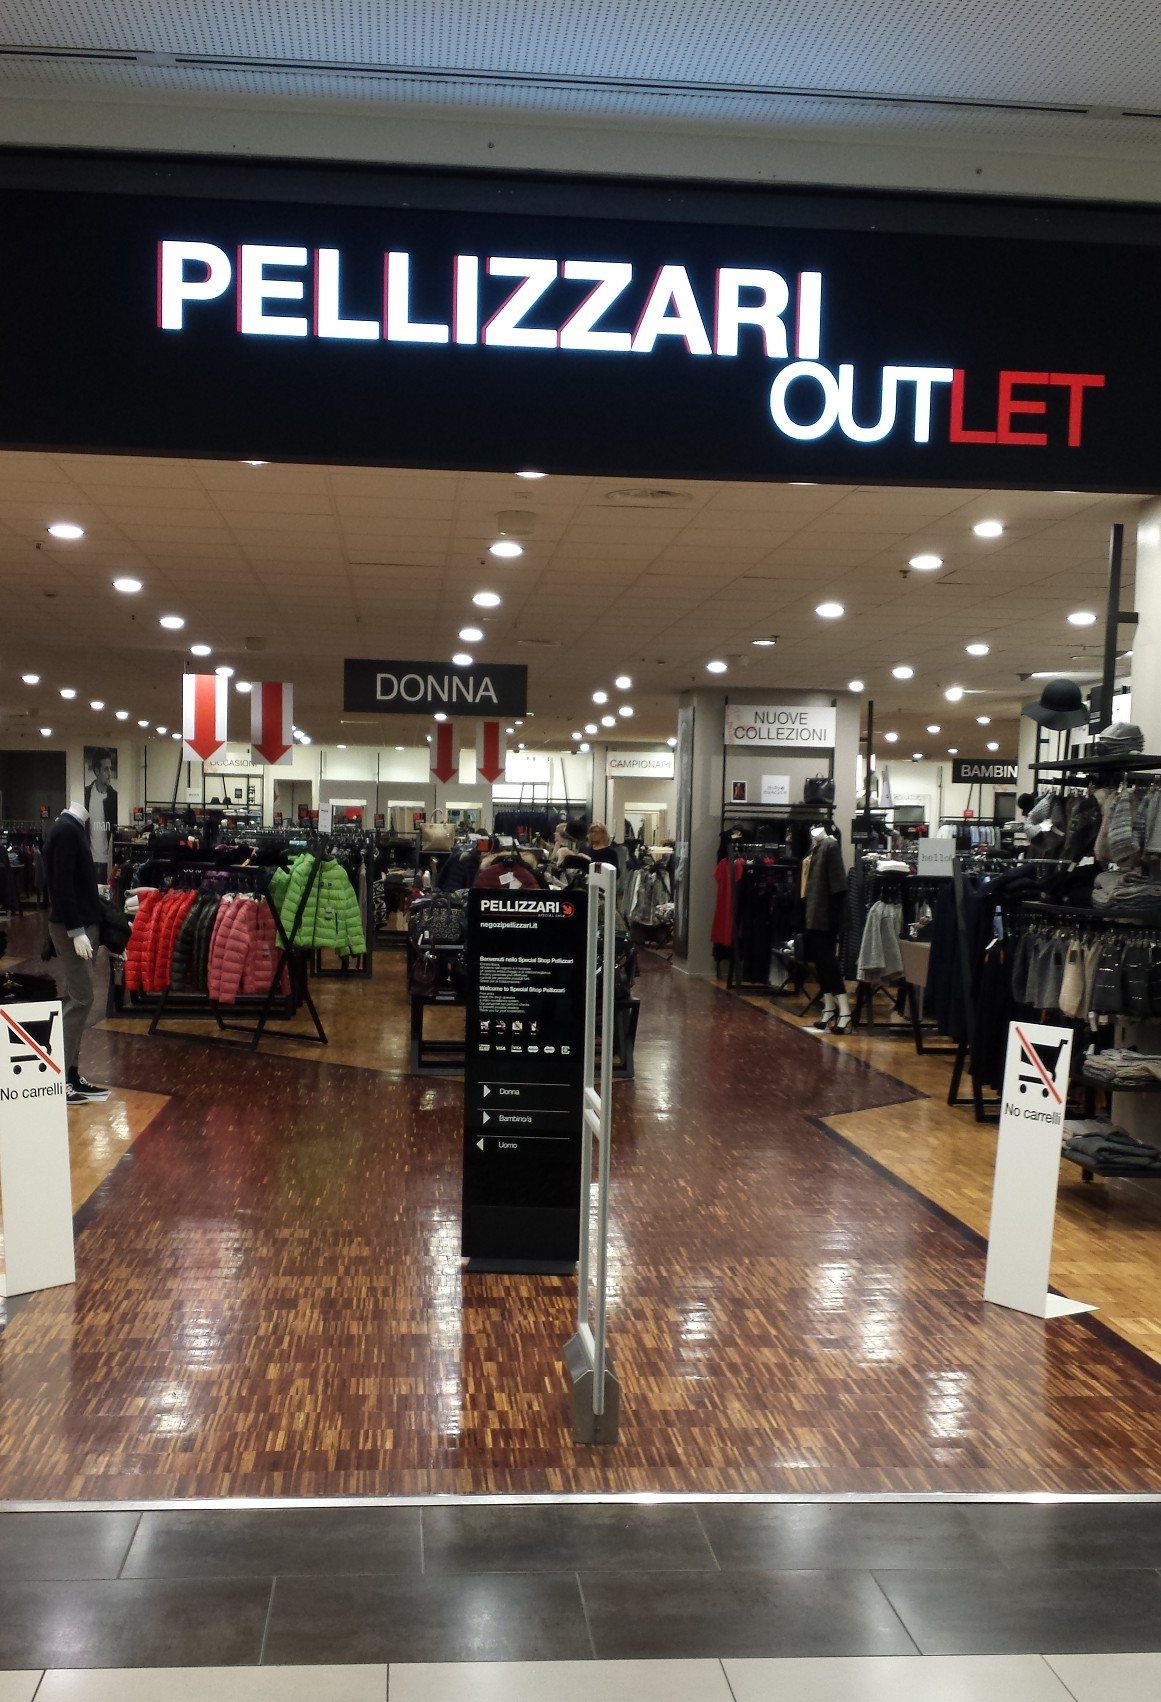 7b0a6c4379f1 Pellizzari Outlet - Marcon - spaccioutlet.it